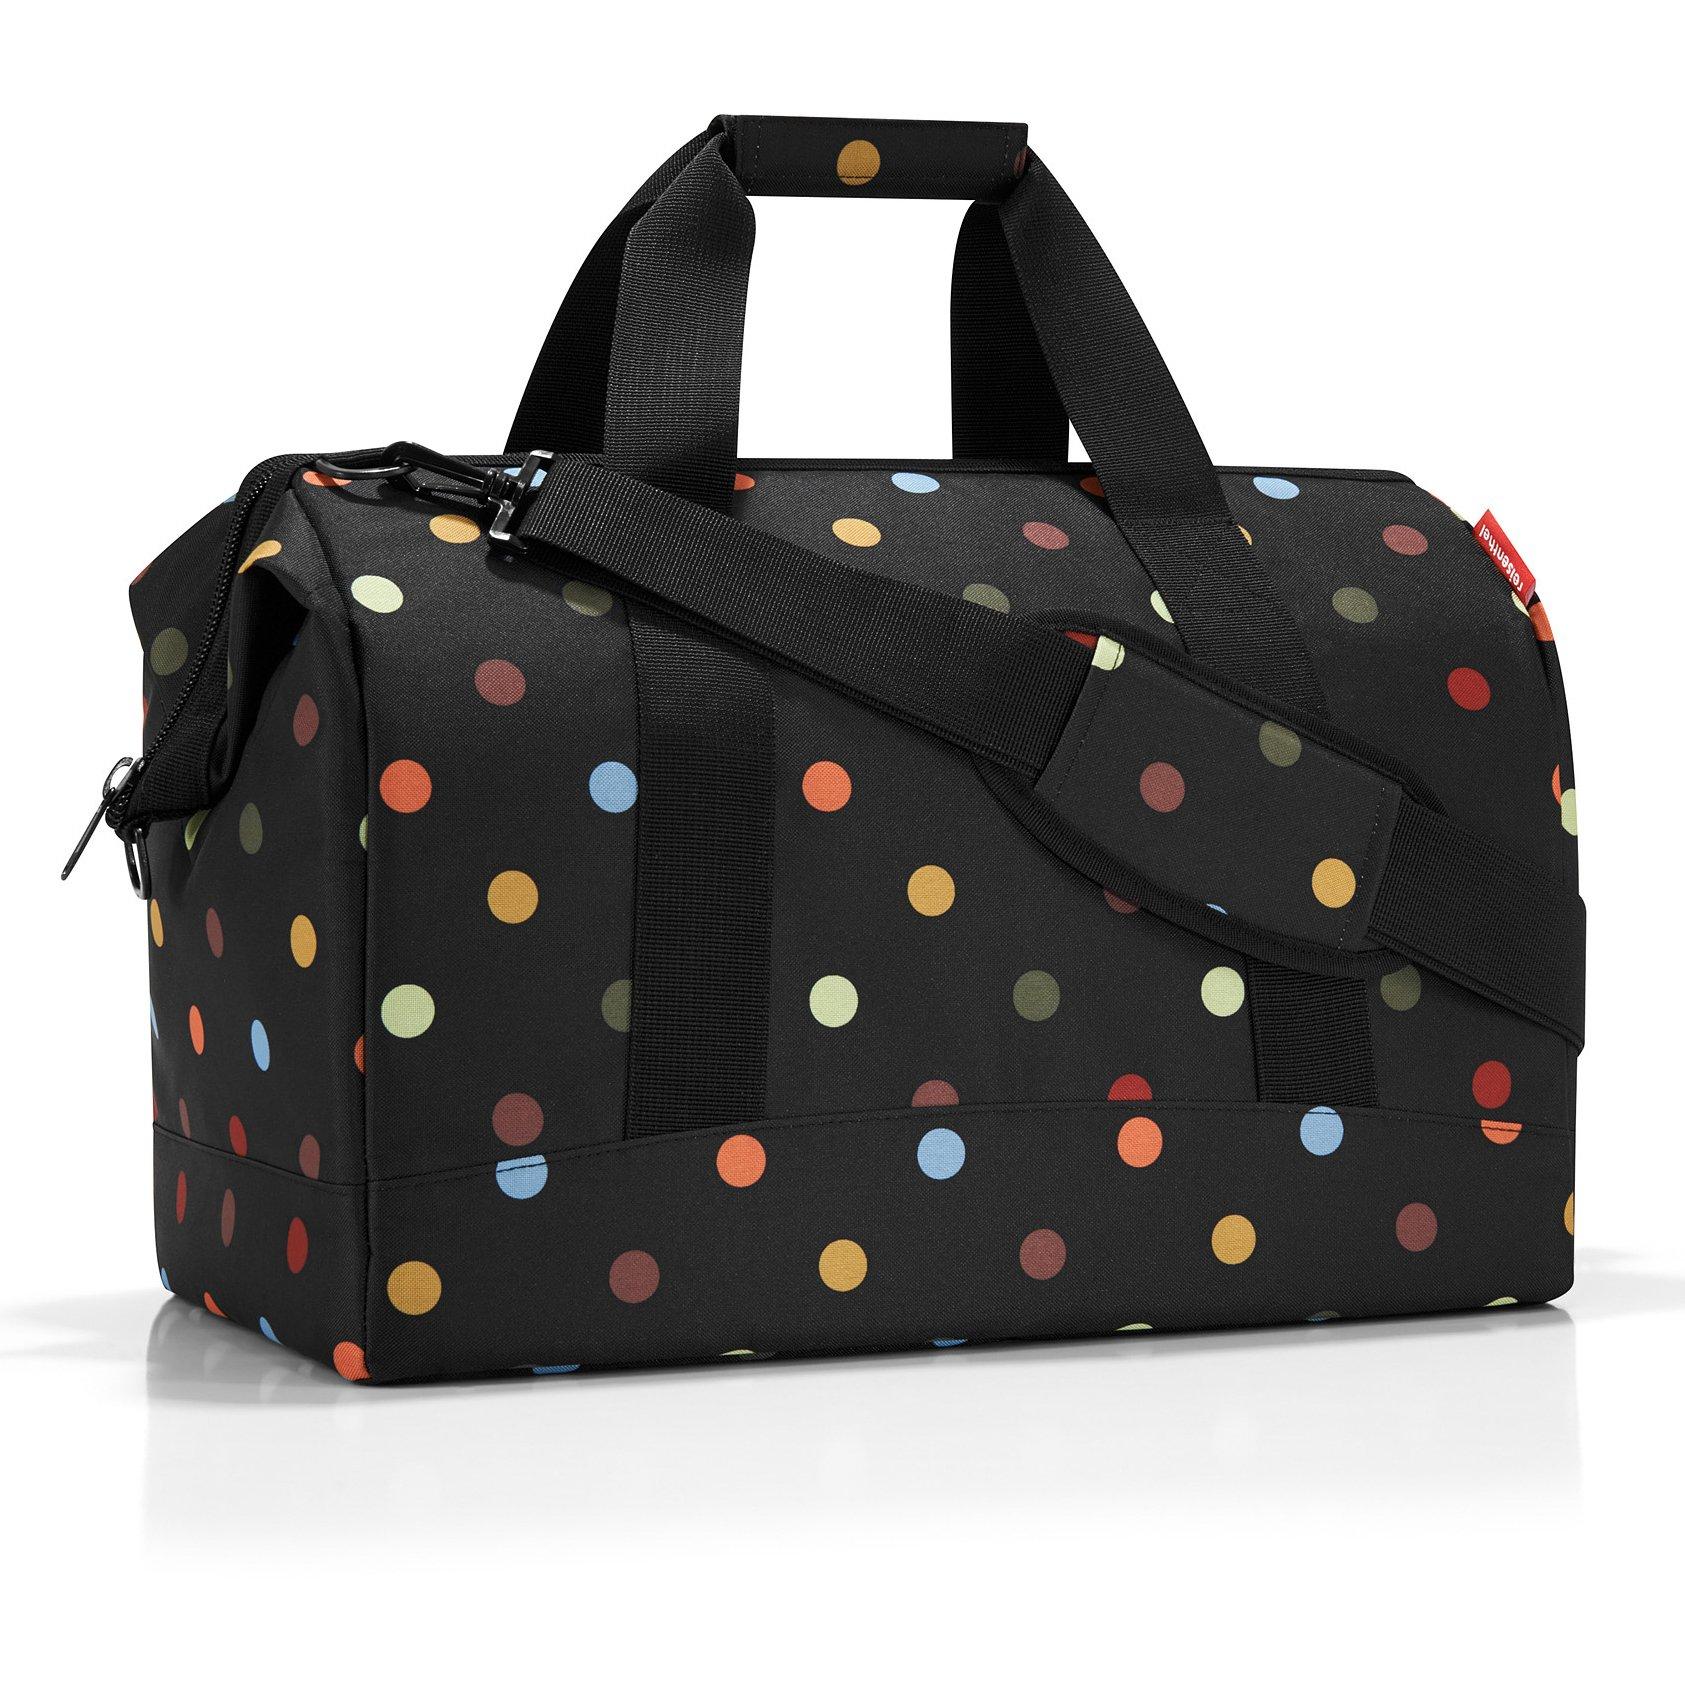 Reisenthel Handtaschen Taschen ALLROUNDER L_7009 dots Schwarz wZUtt